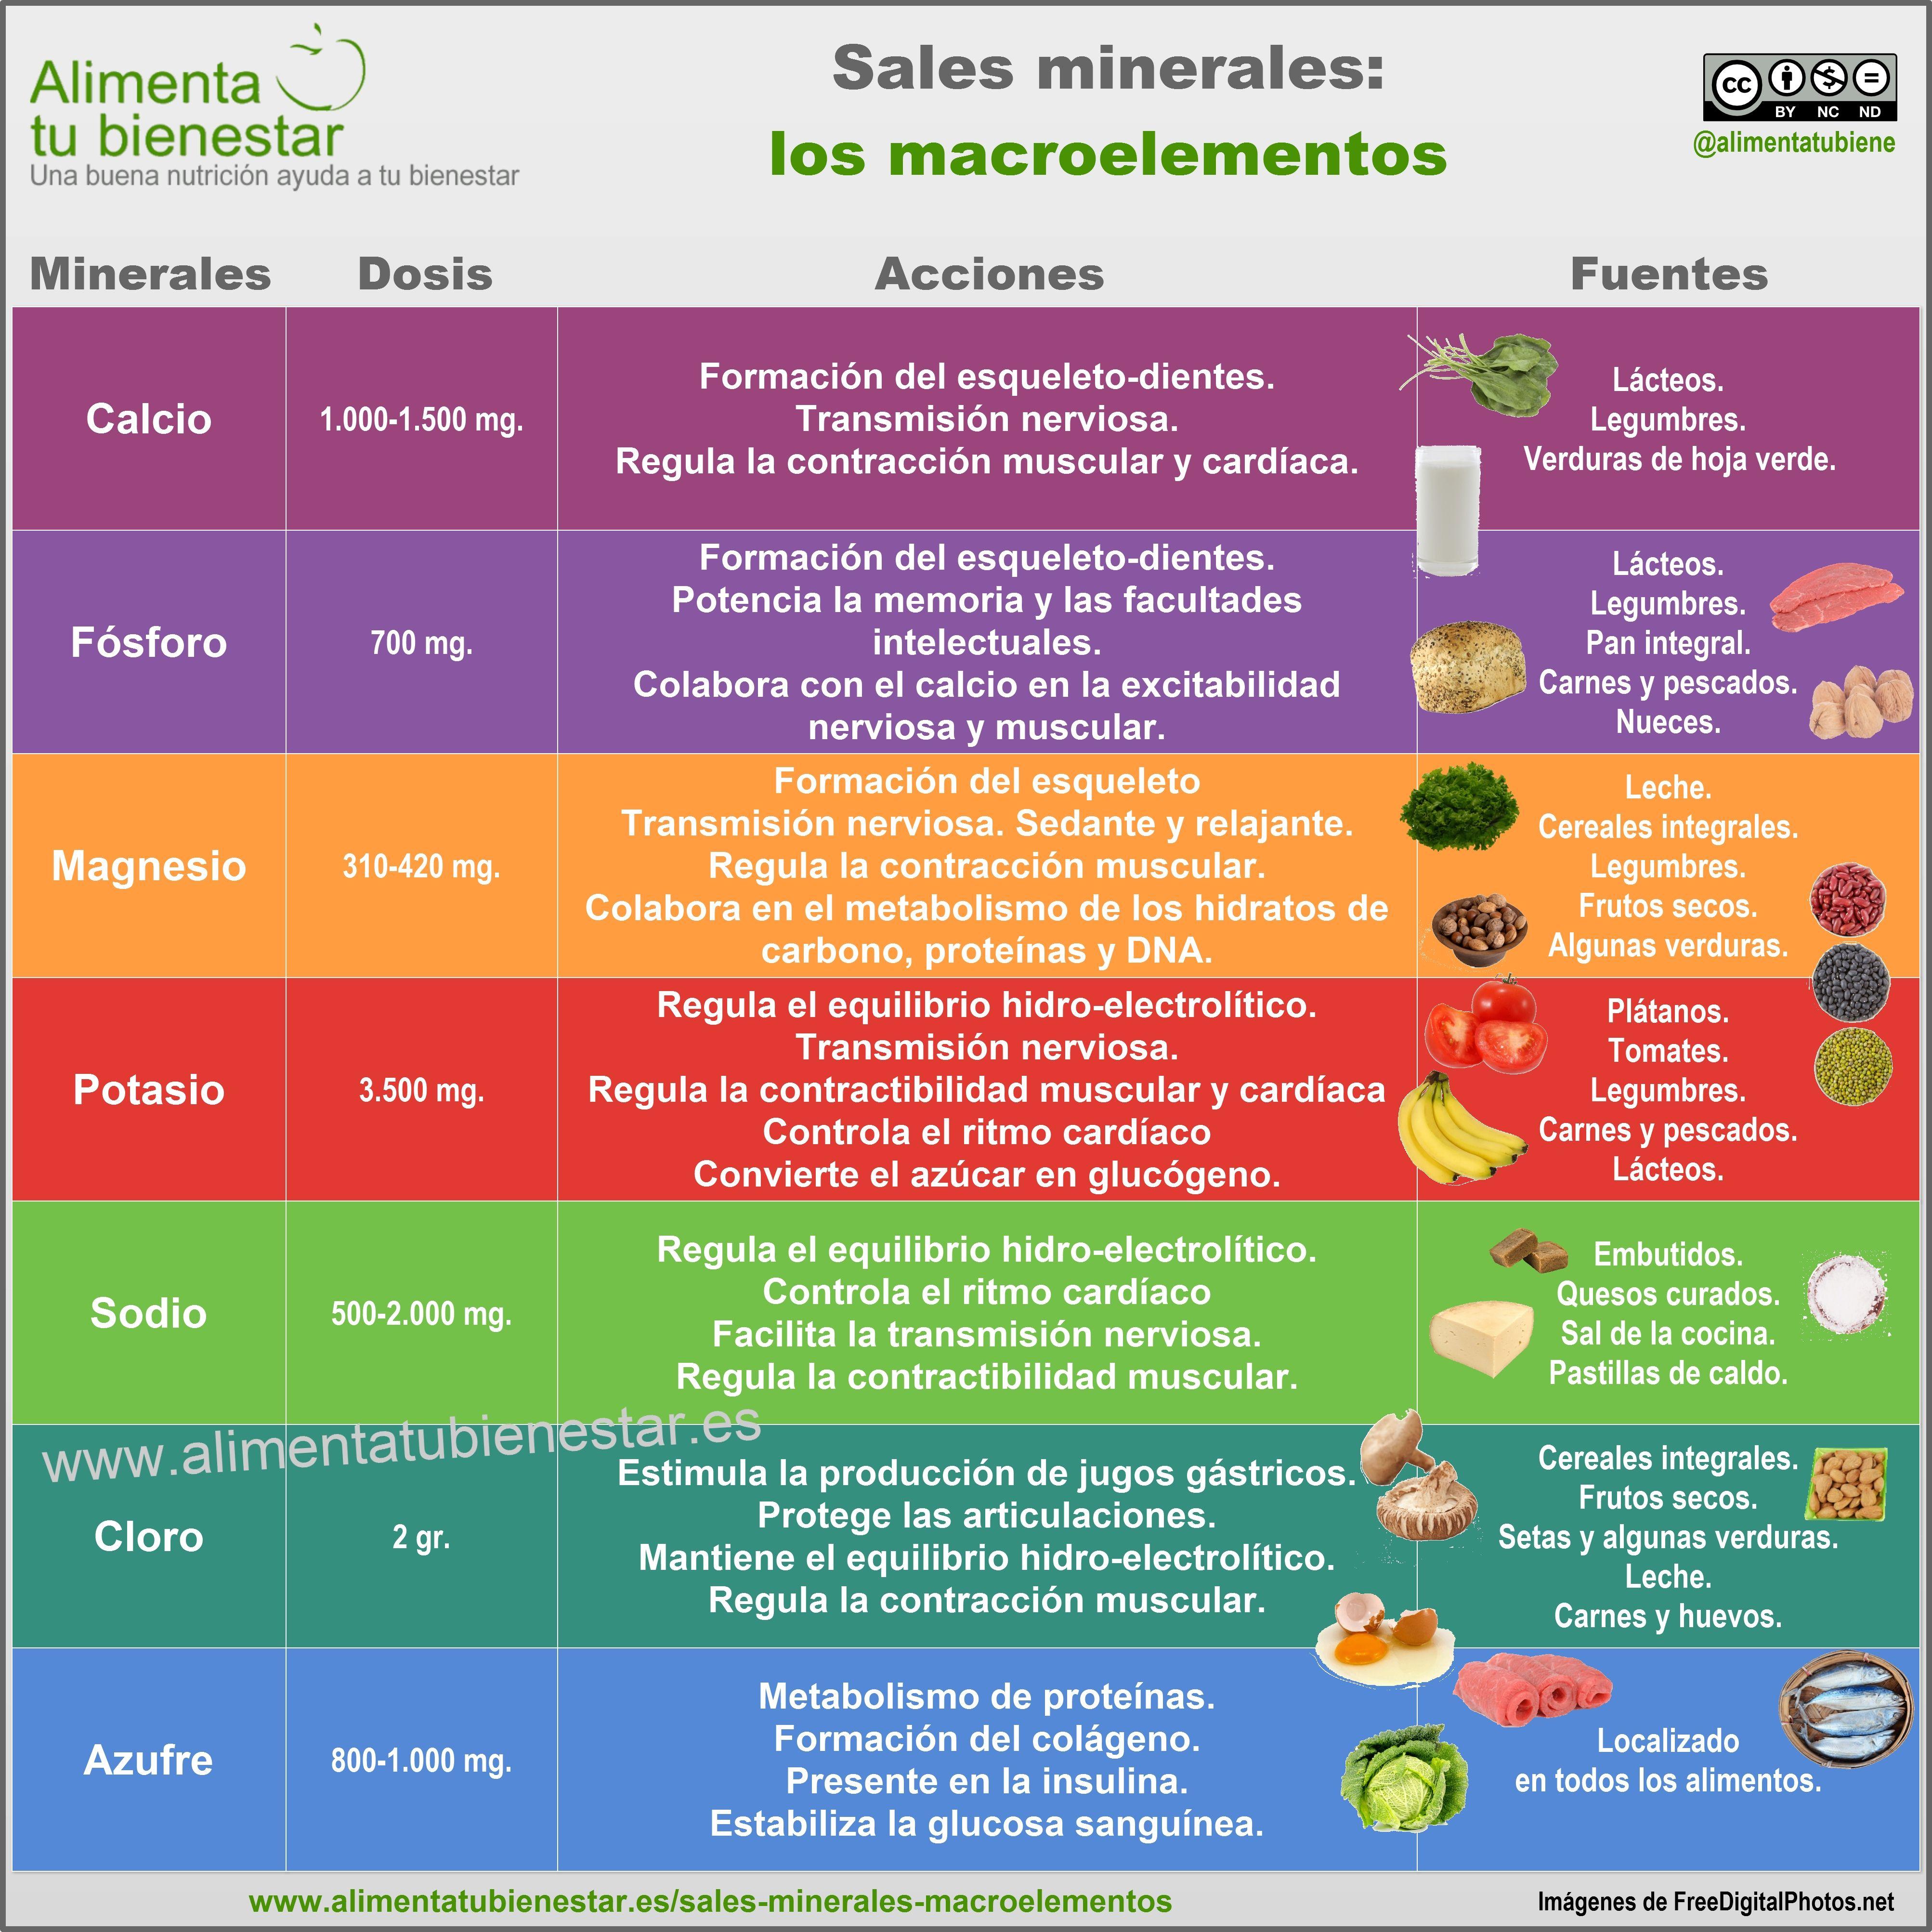 Vitaminas y que cumplen minerales sales las funcion